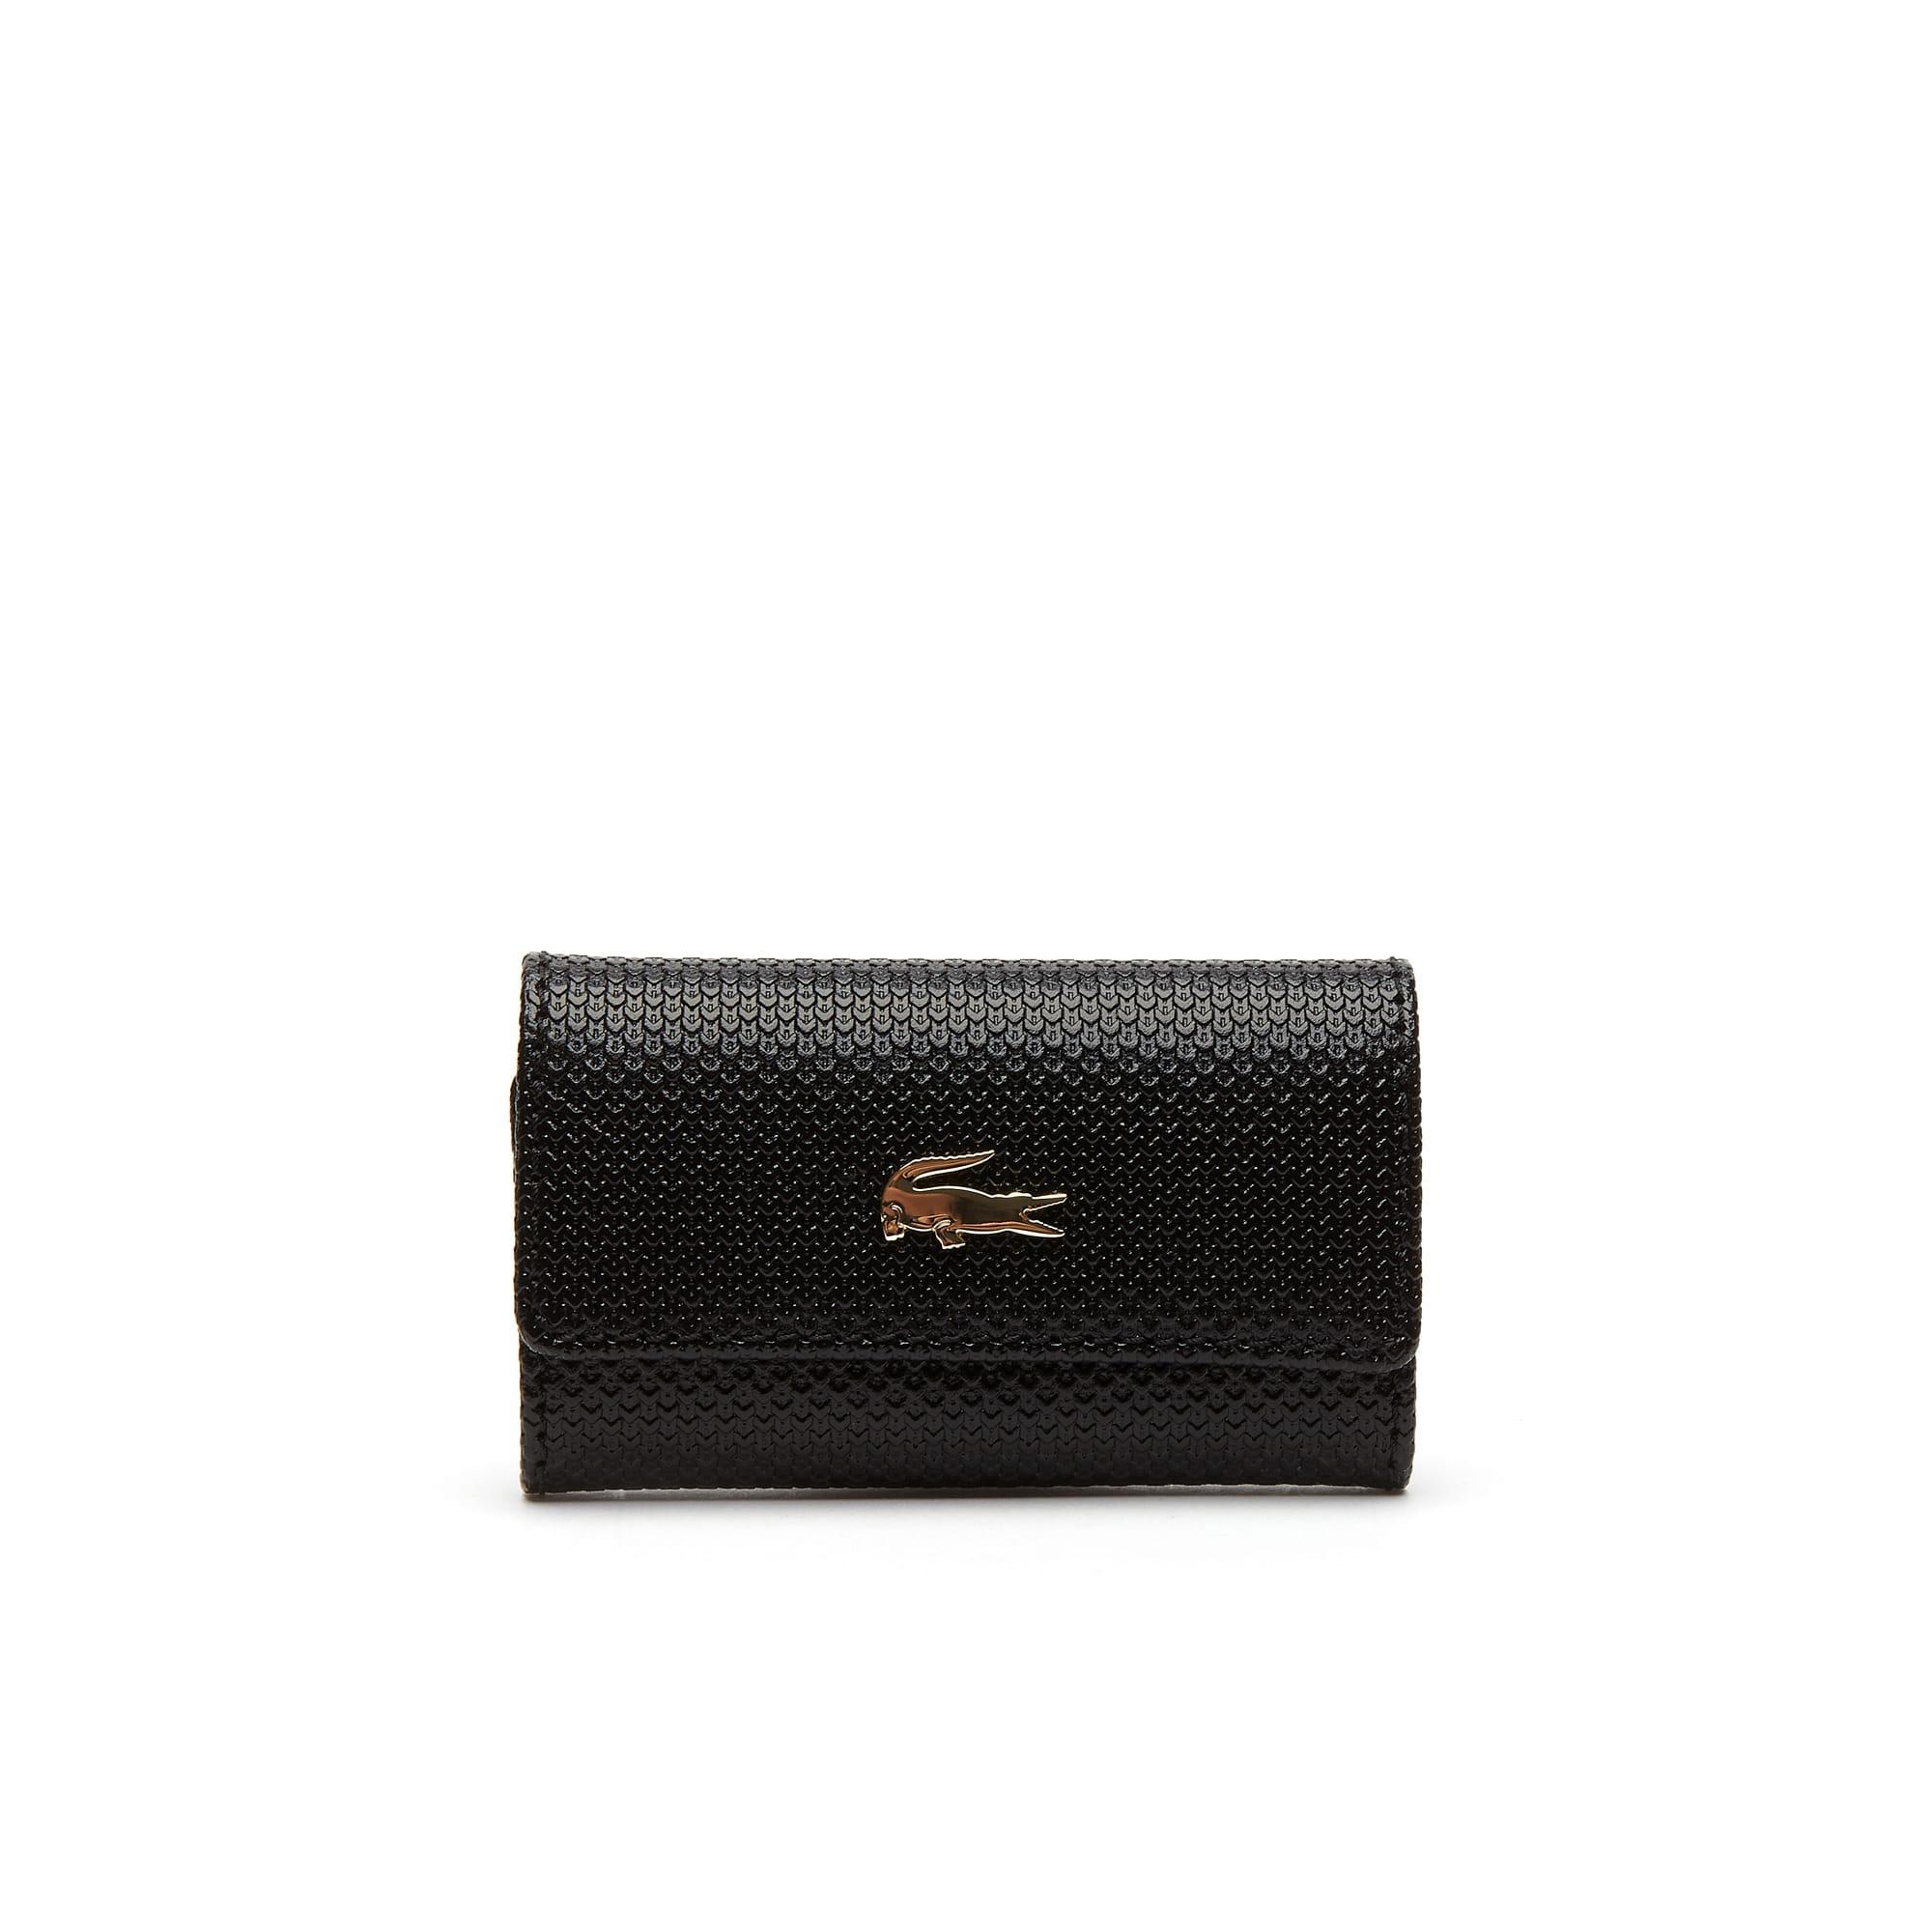 online retailer d0868 9444b Geldbeutel & Brieftaschen | Lederwaren Damen | LACOSTE